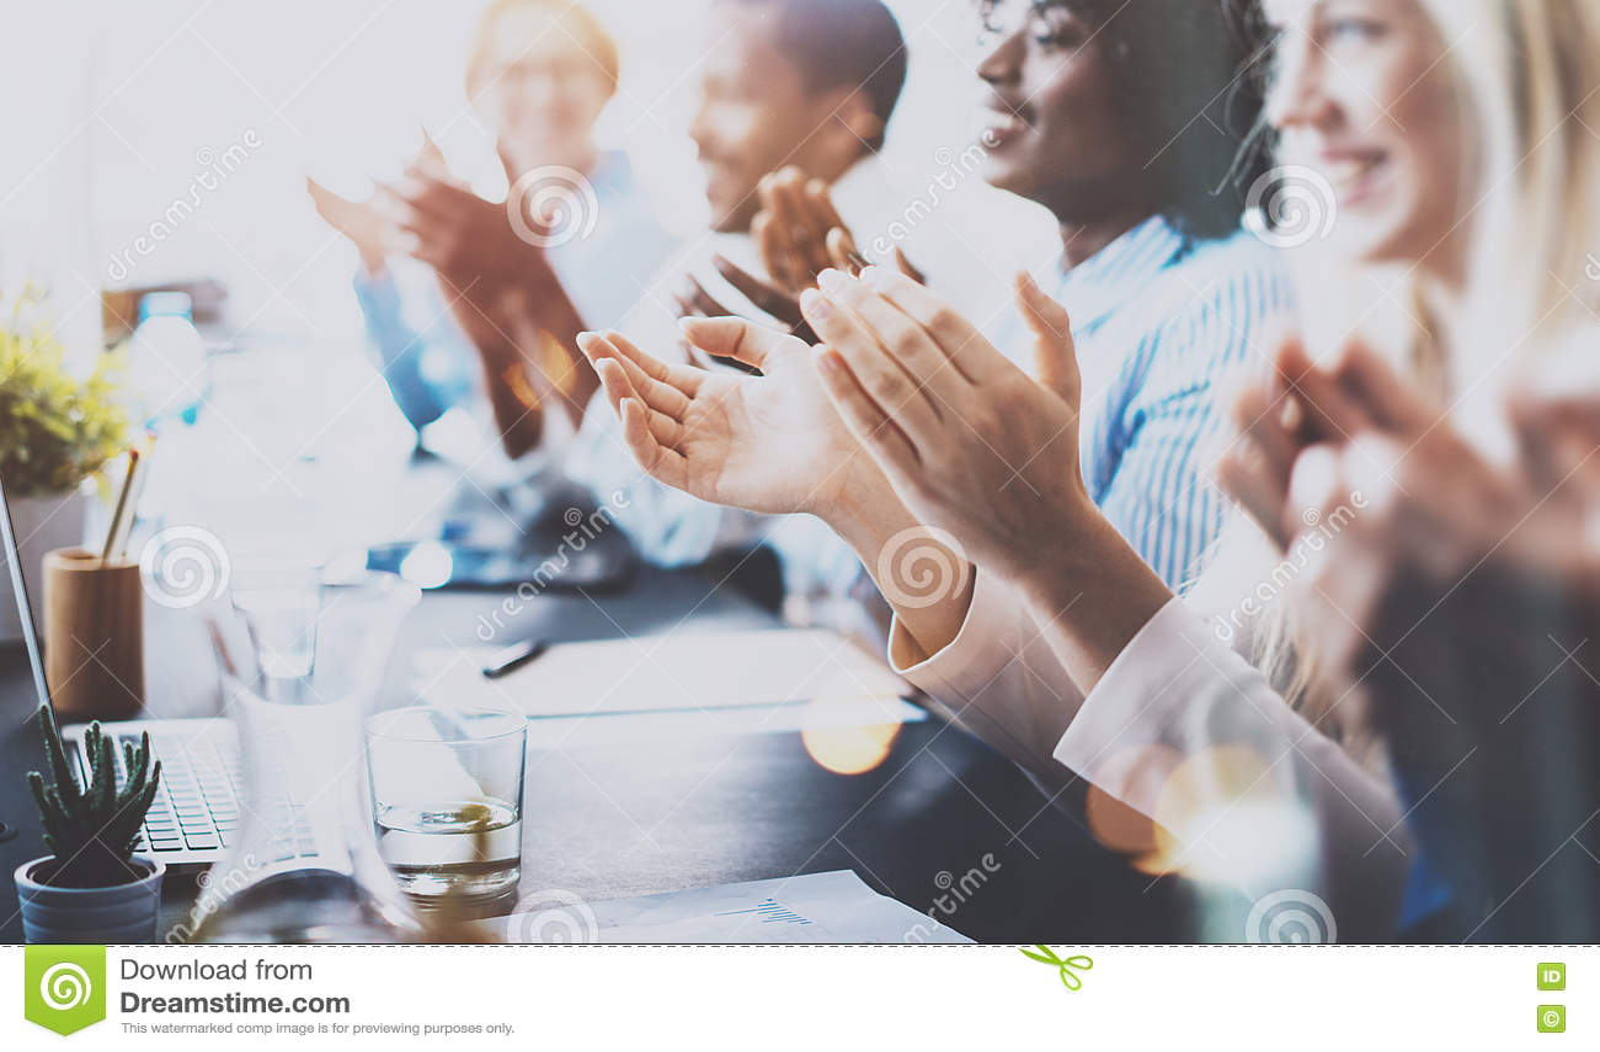 Foto de los socios que aplauden las manos después de seminario del negocio Educación profesional, reunión del trabajo, presentaci